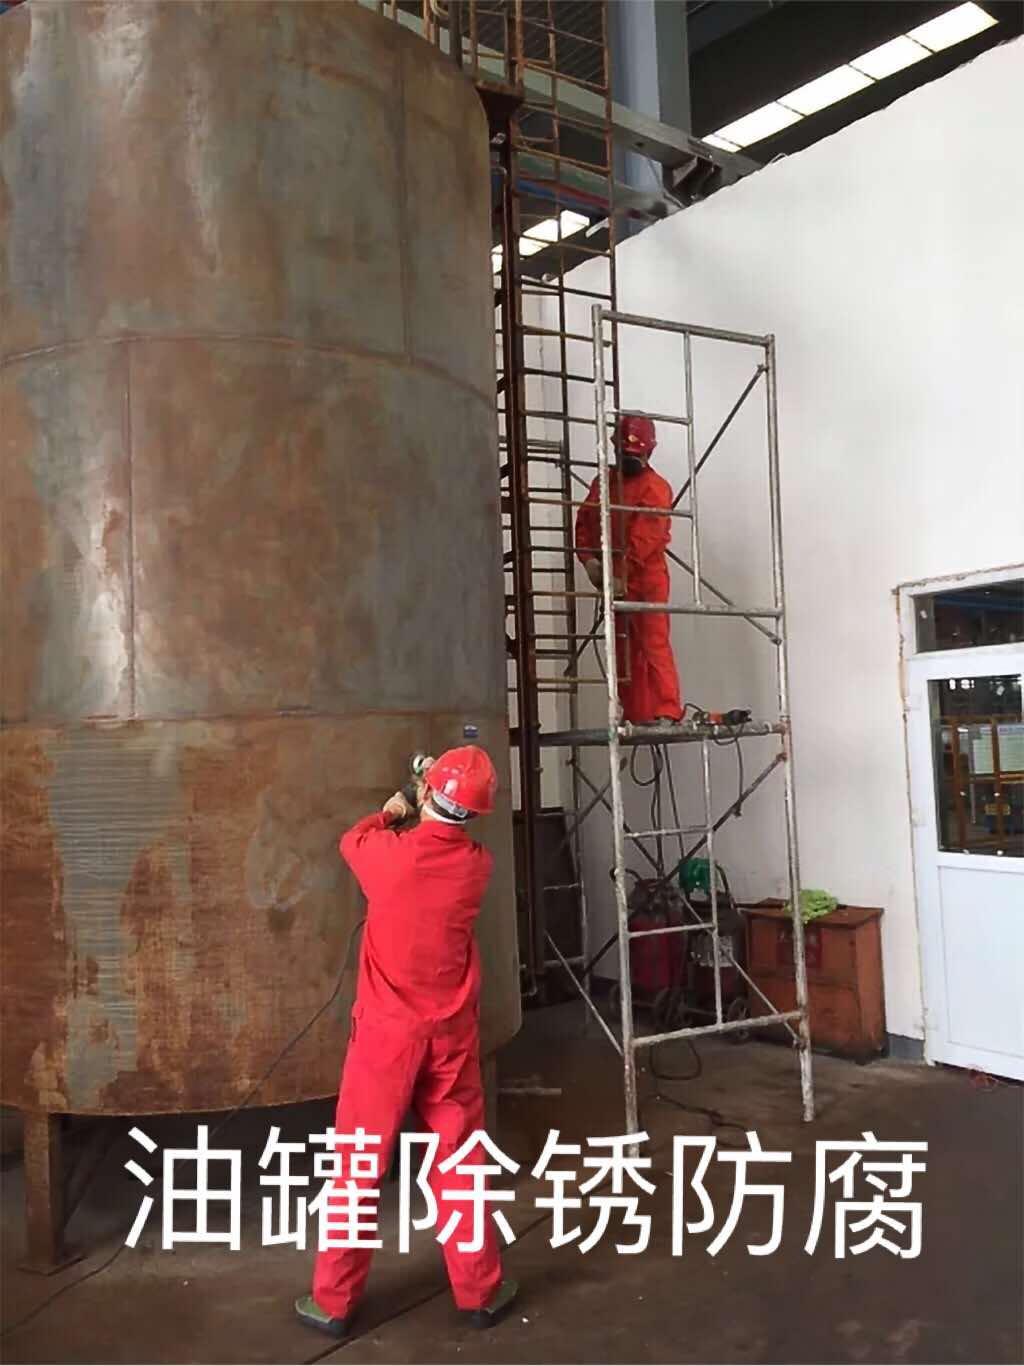 重庆专业油罐清洗哪家好